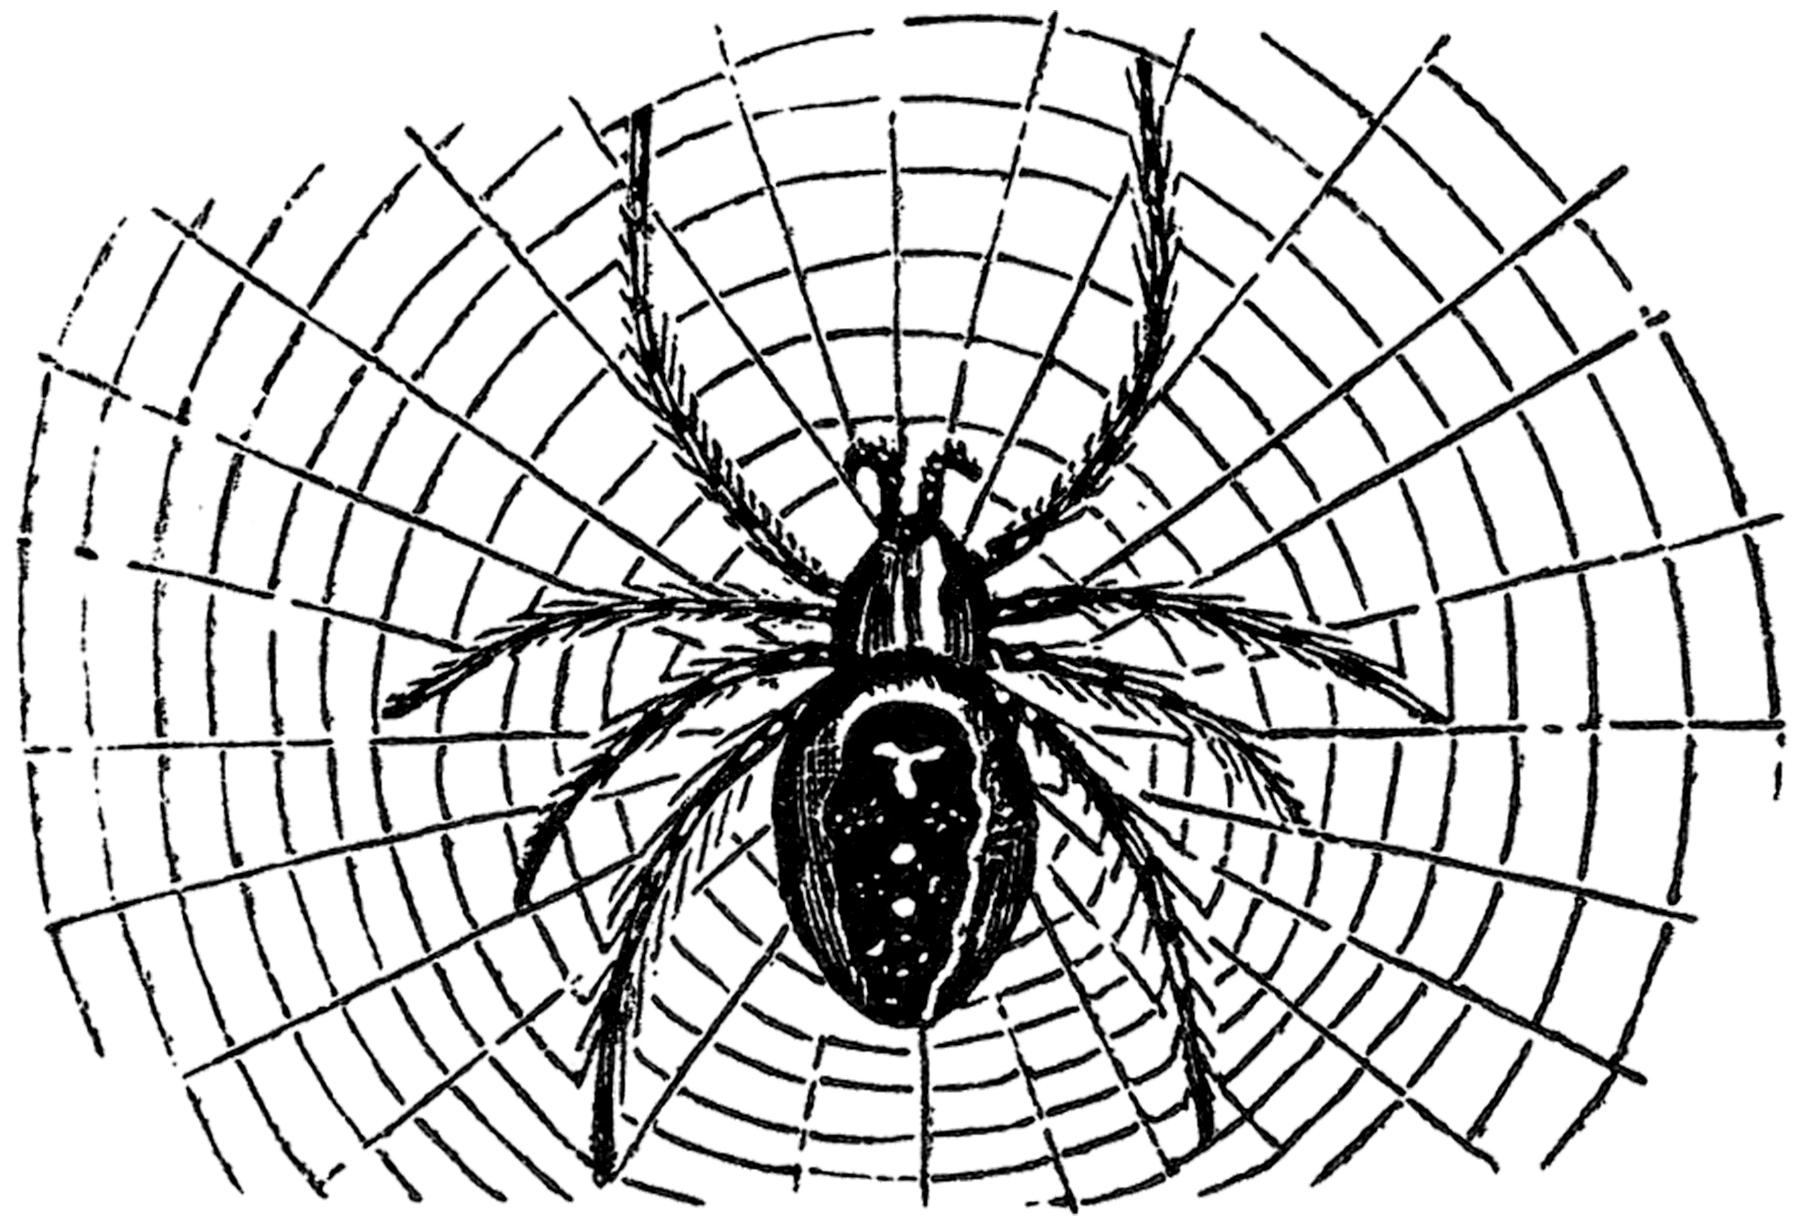 Vintage Halloween Spider Image